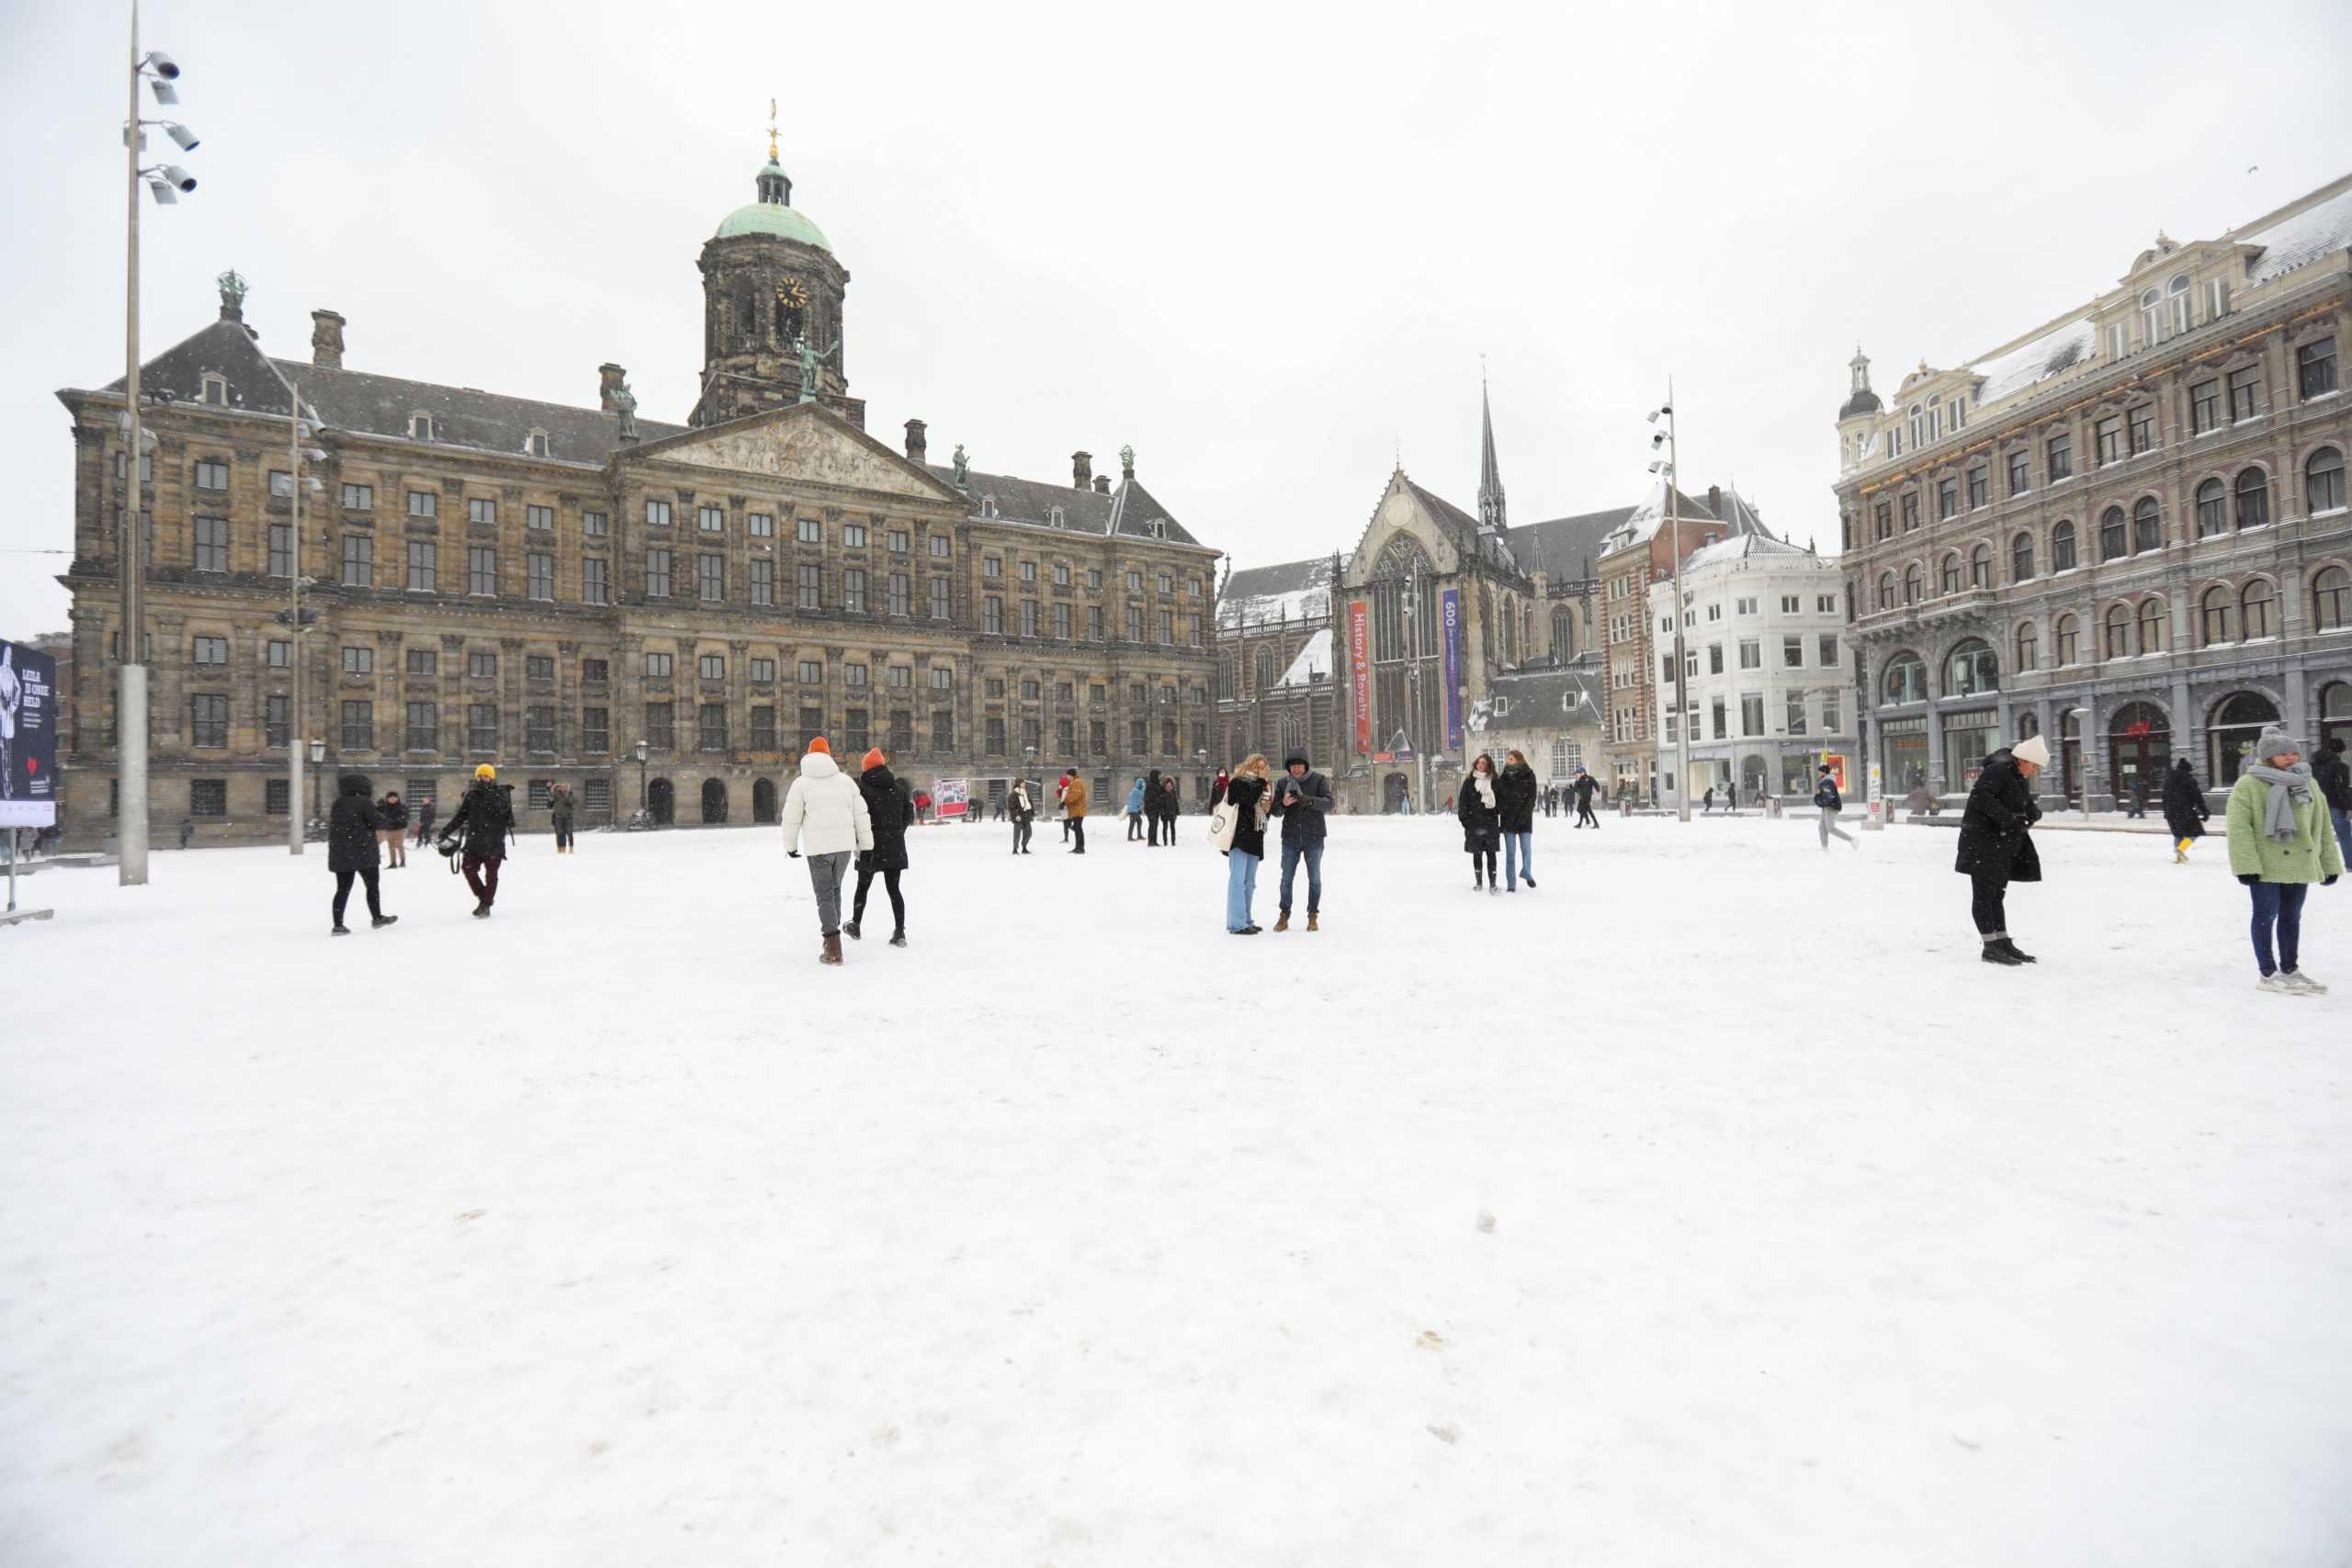 Ισχυρή χιονοθύελλα σαρώνει την Ολλανδία – Η πρώτη τα τελευταία 10 χρόνια